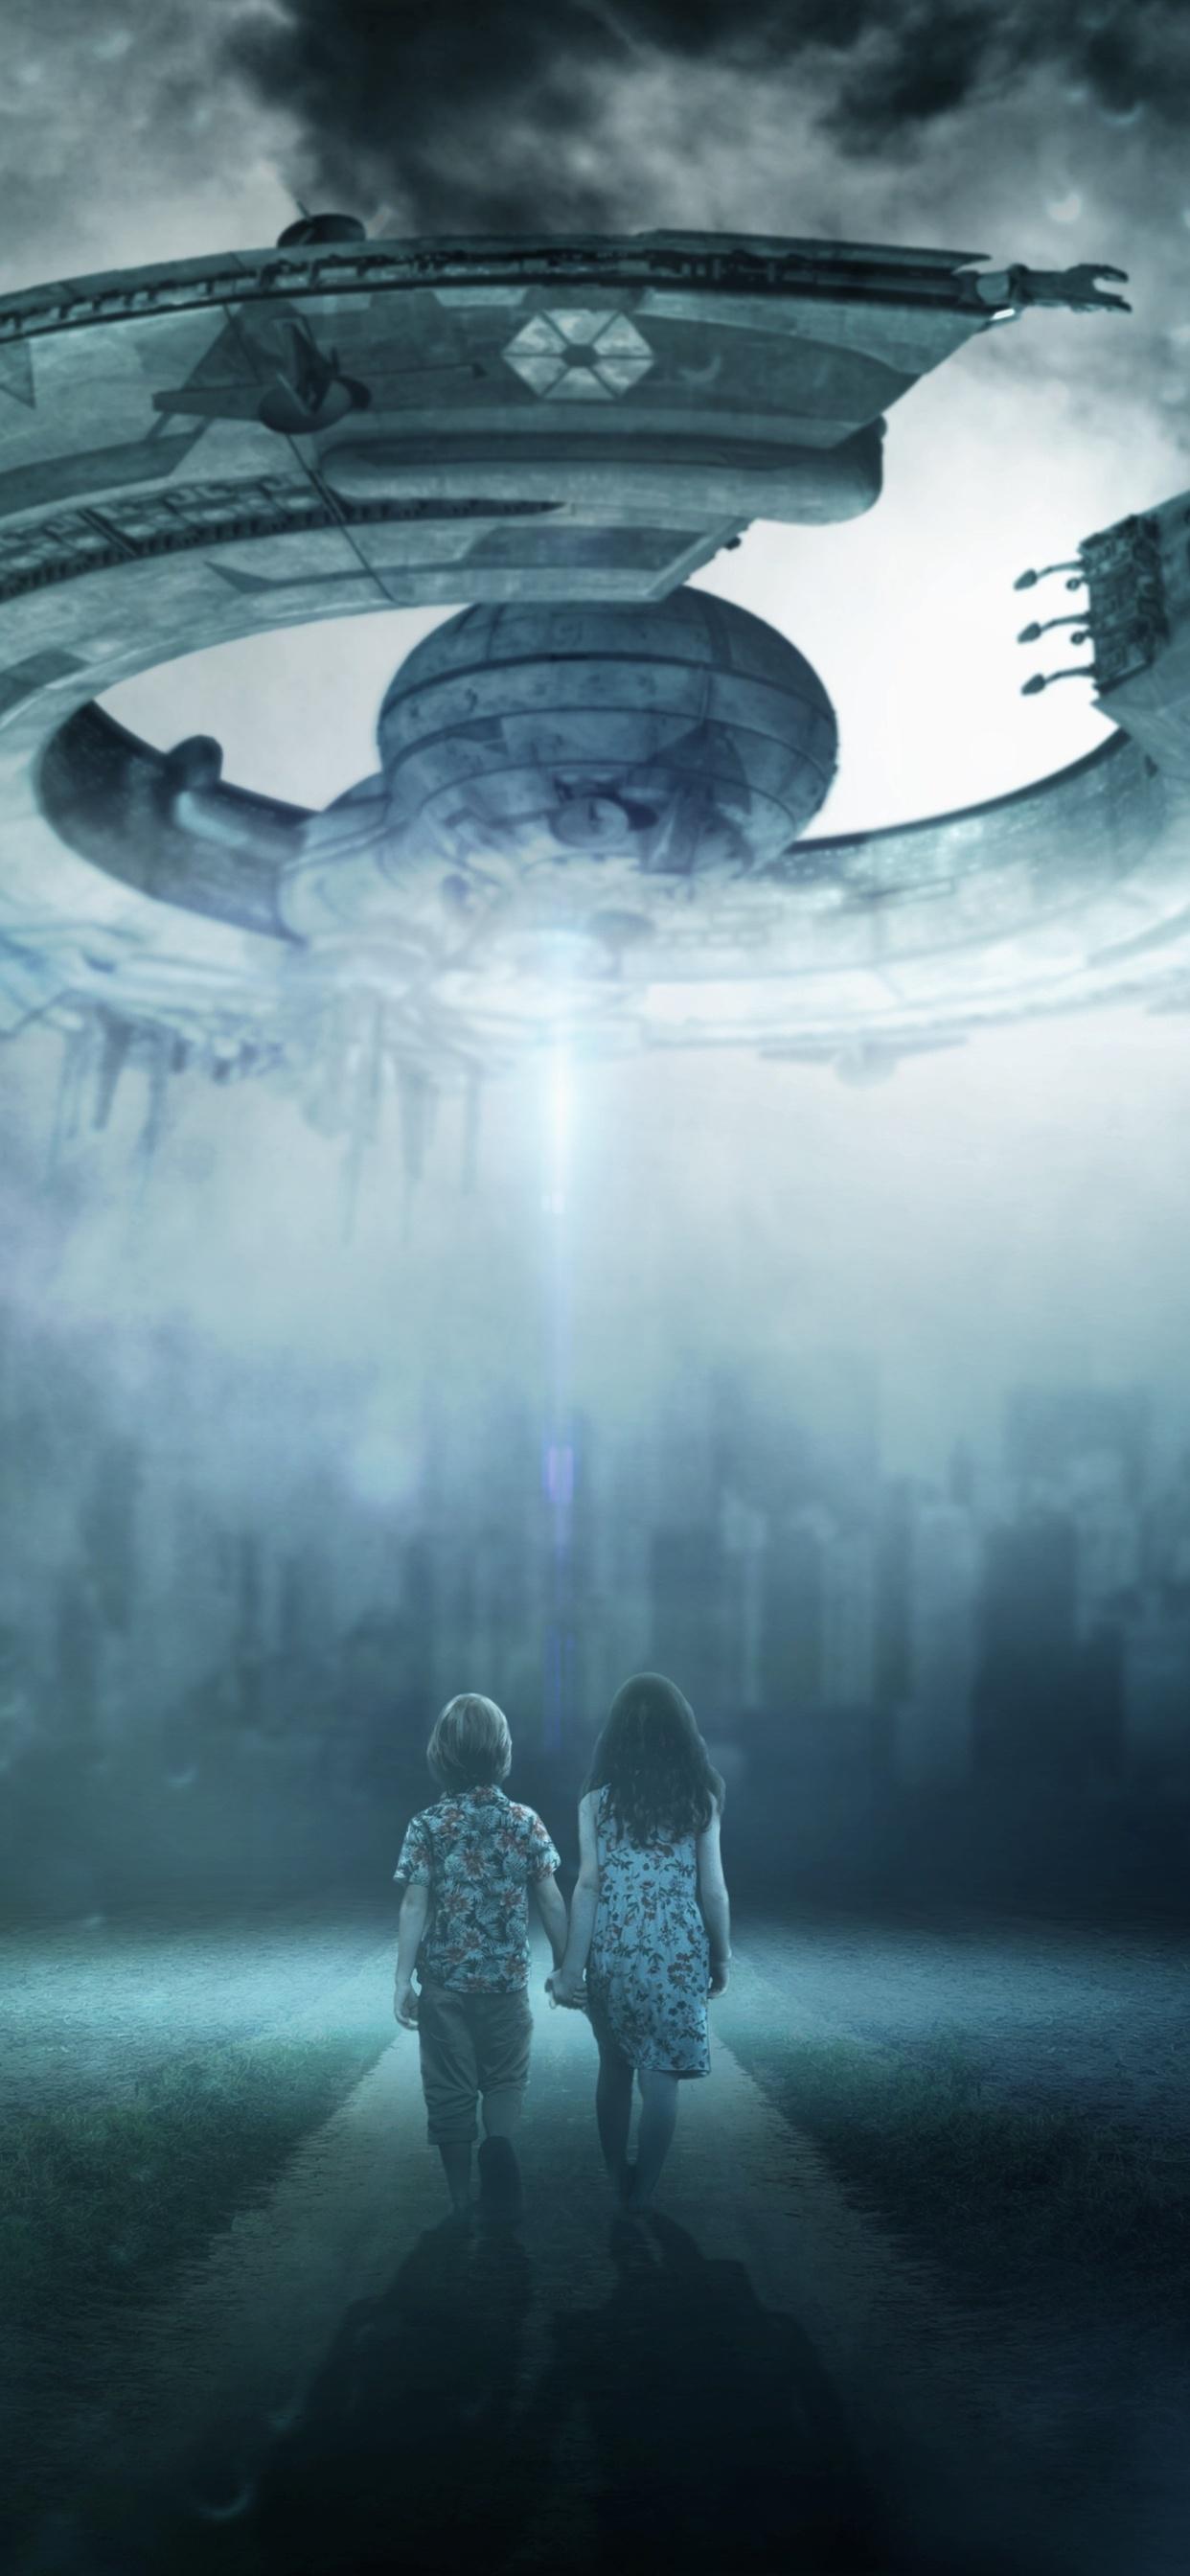 scifi-ufo-boy-girl-child-spaceship-g1.jpg